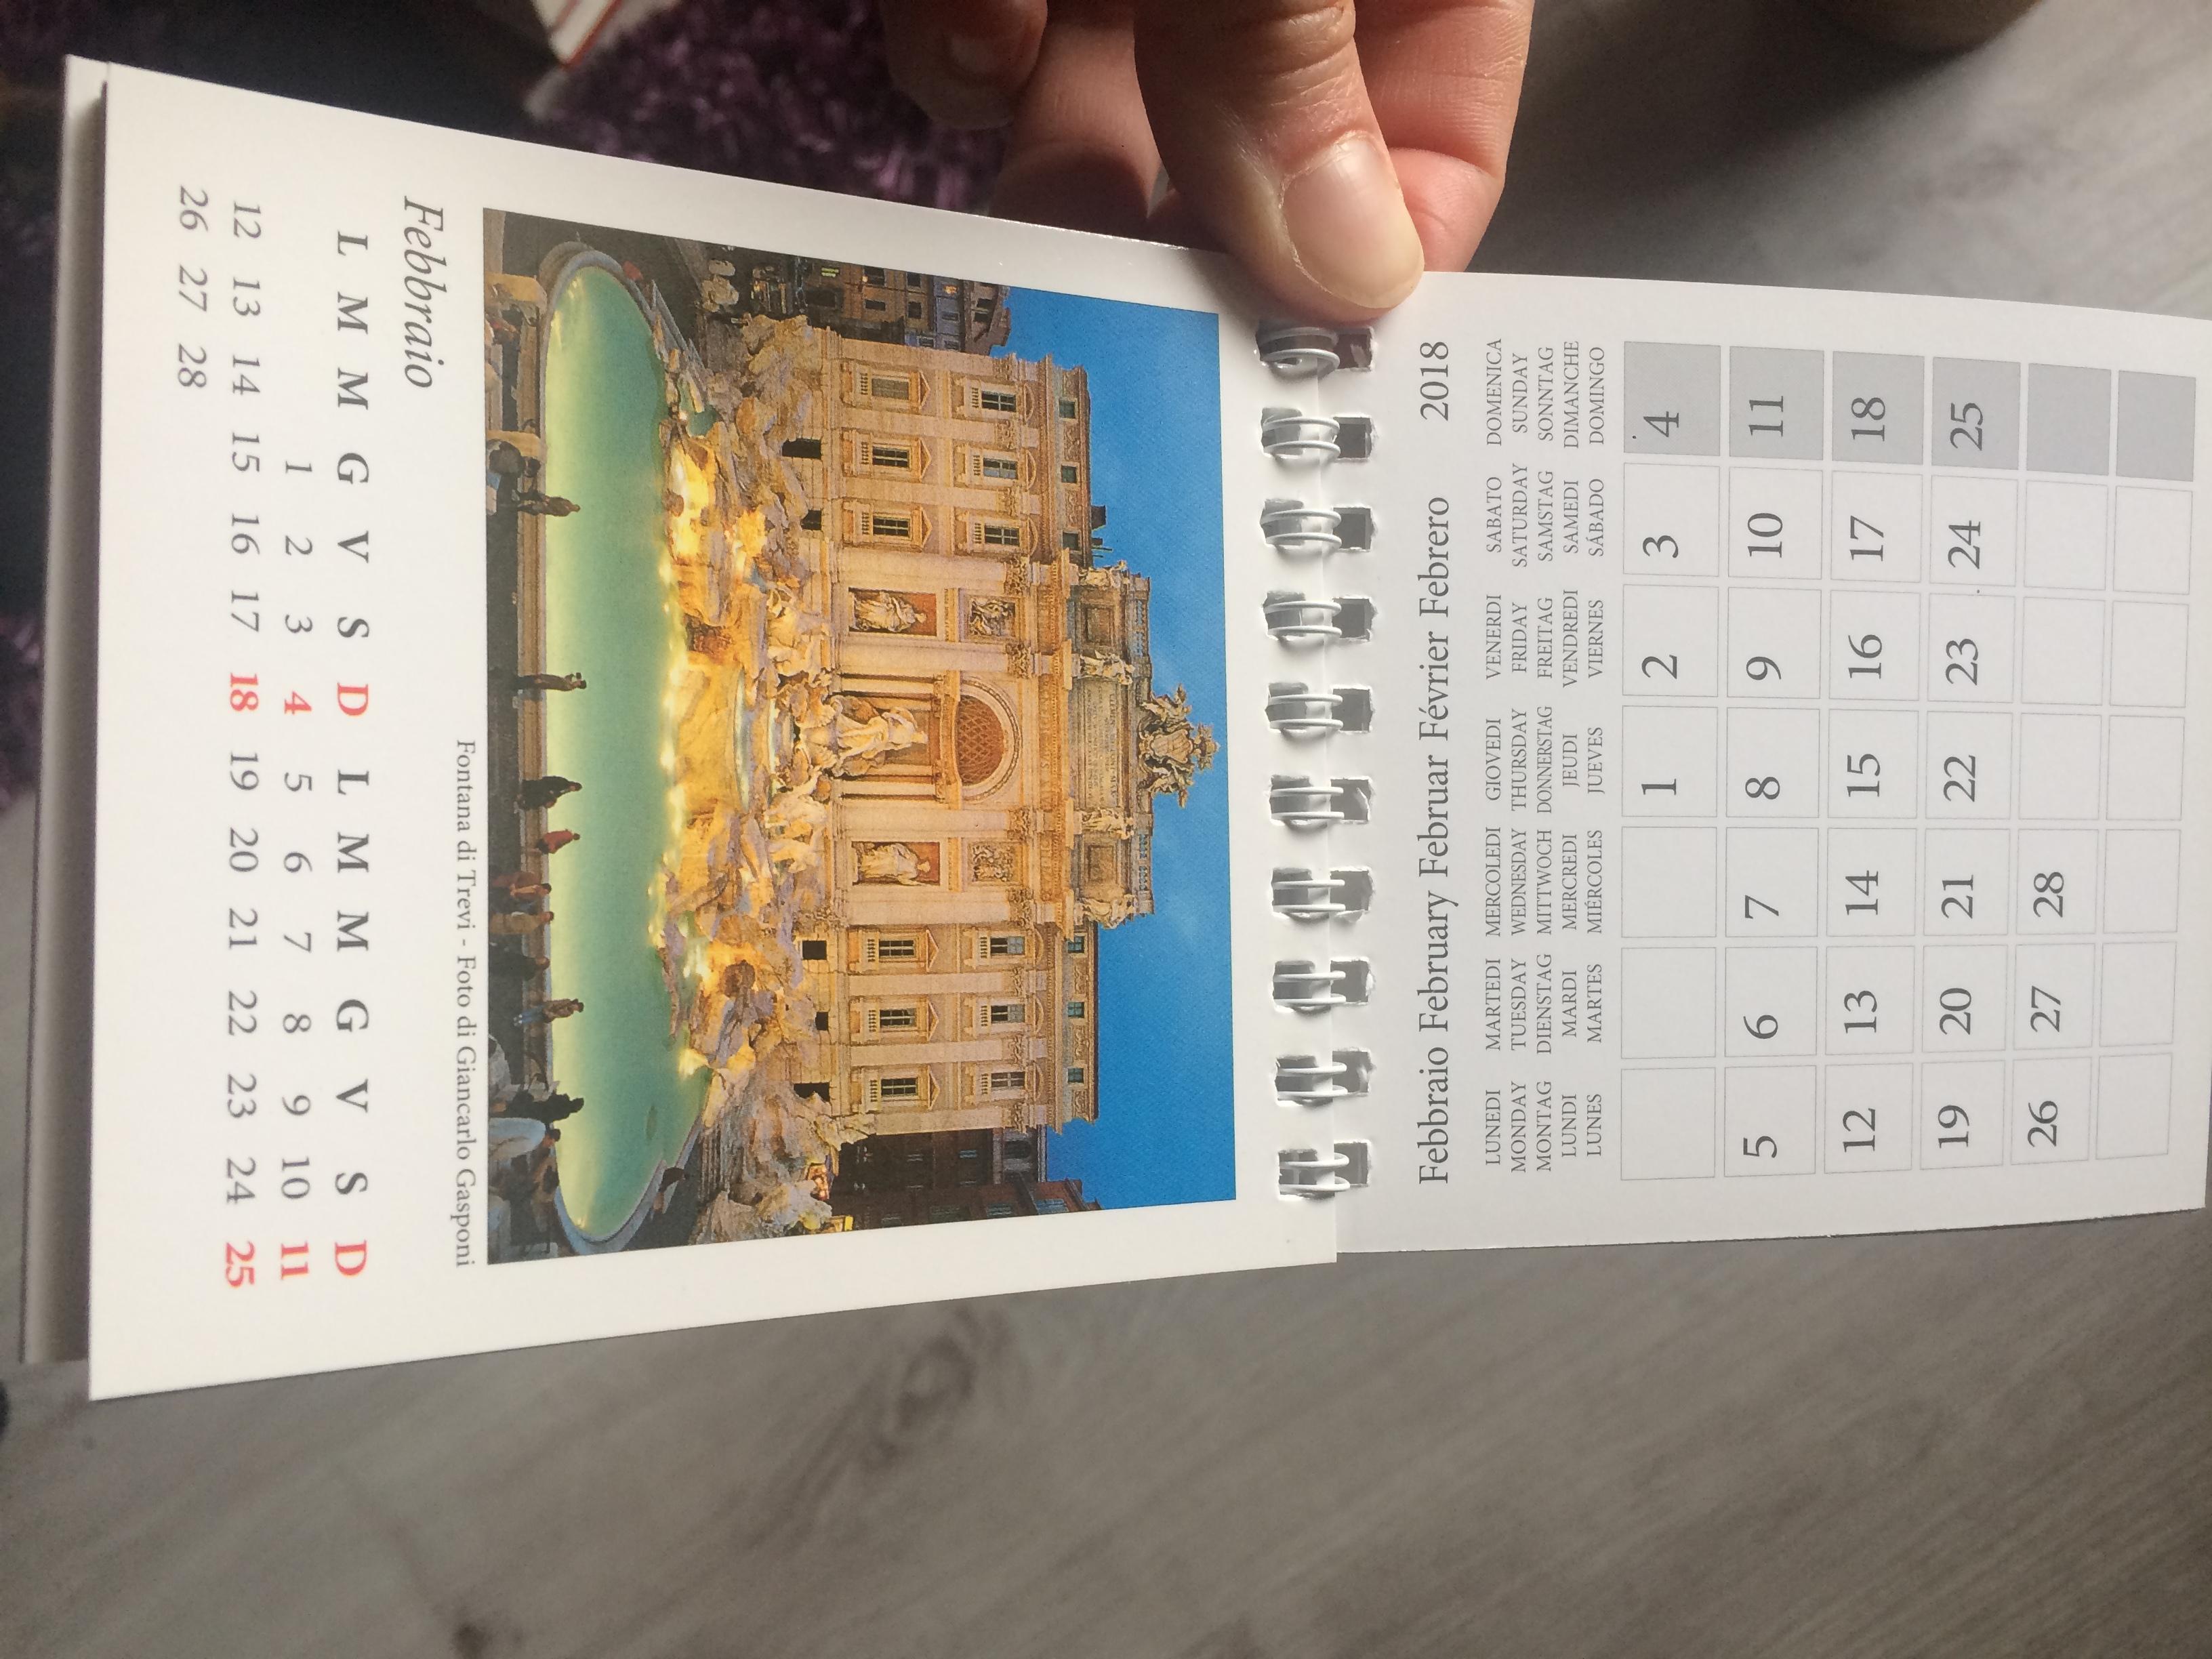 troc de troc fan de rome calendrier 2018 image 1